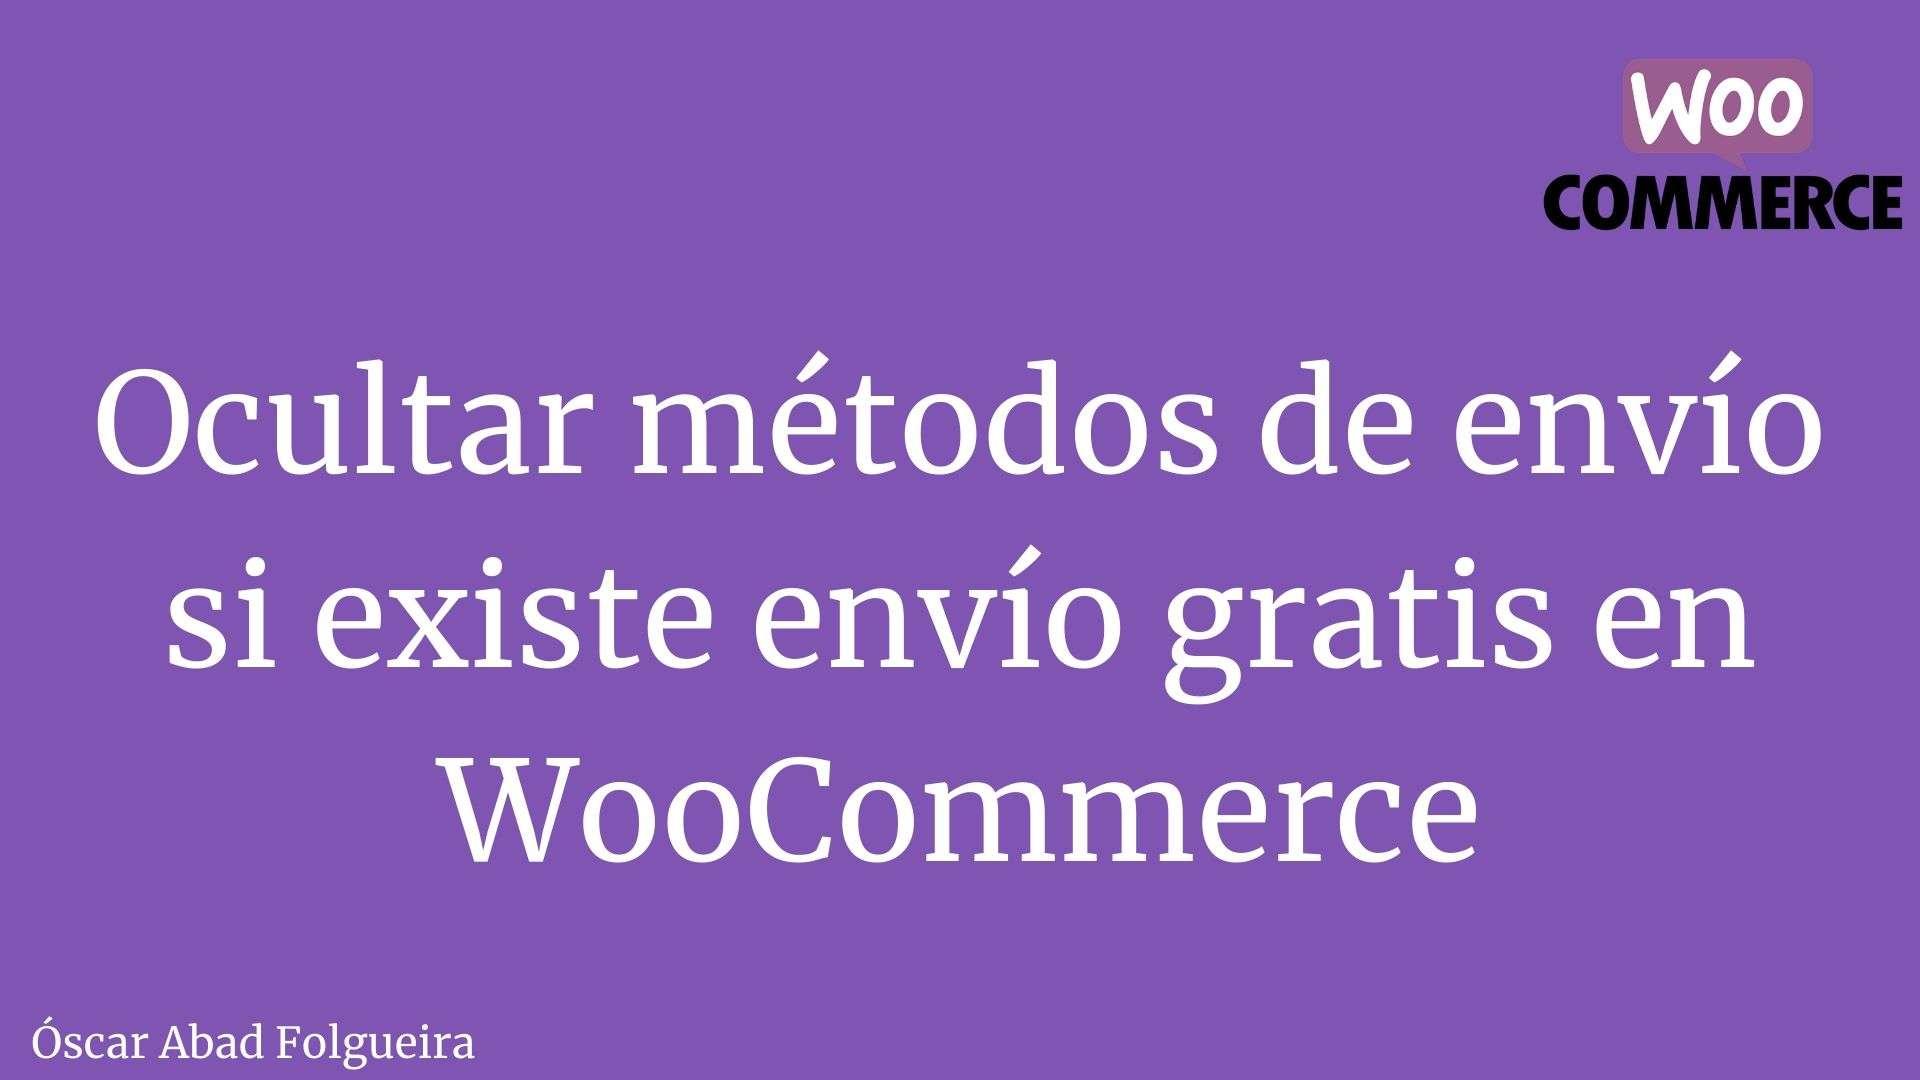 Ocultar métodos de envío si existe envío gratis en WooCommerce